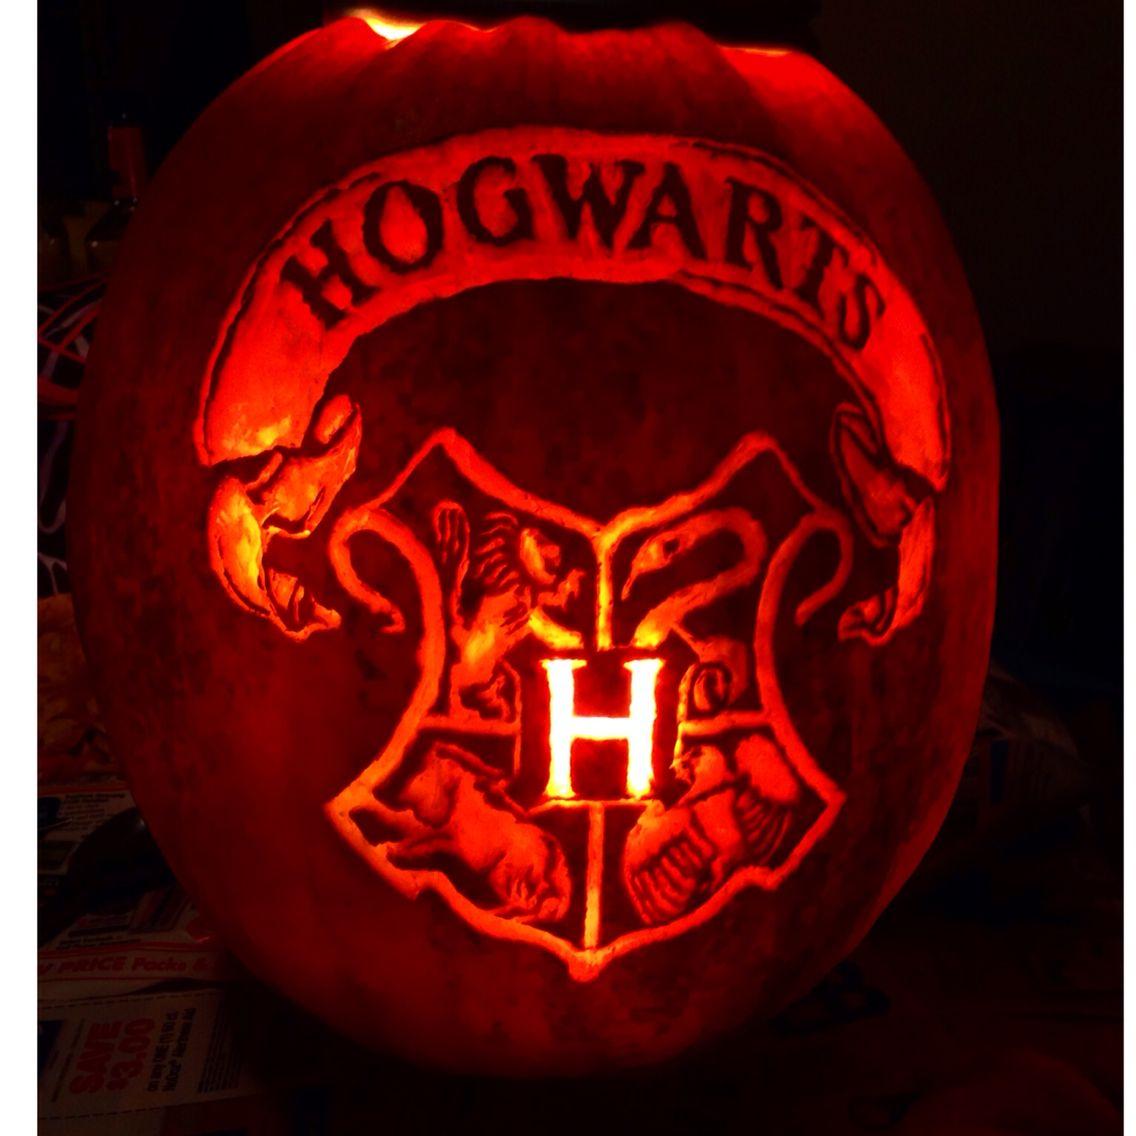 Hogwarts Crest pumpkin carving! in 2019 Pumpkin carving